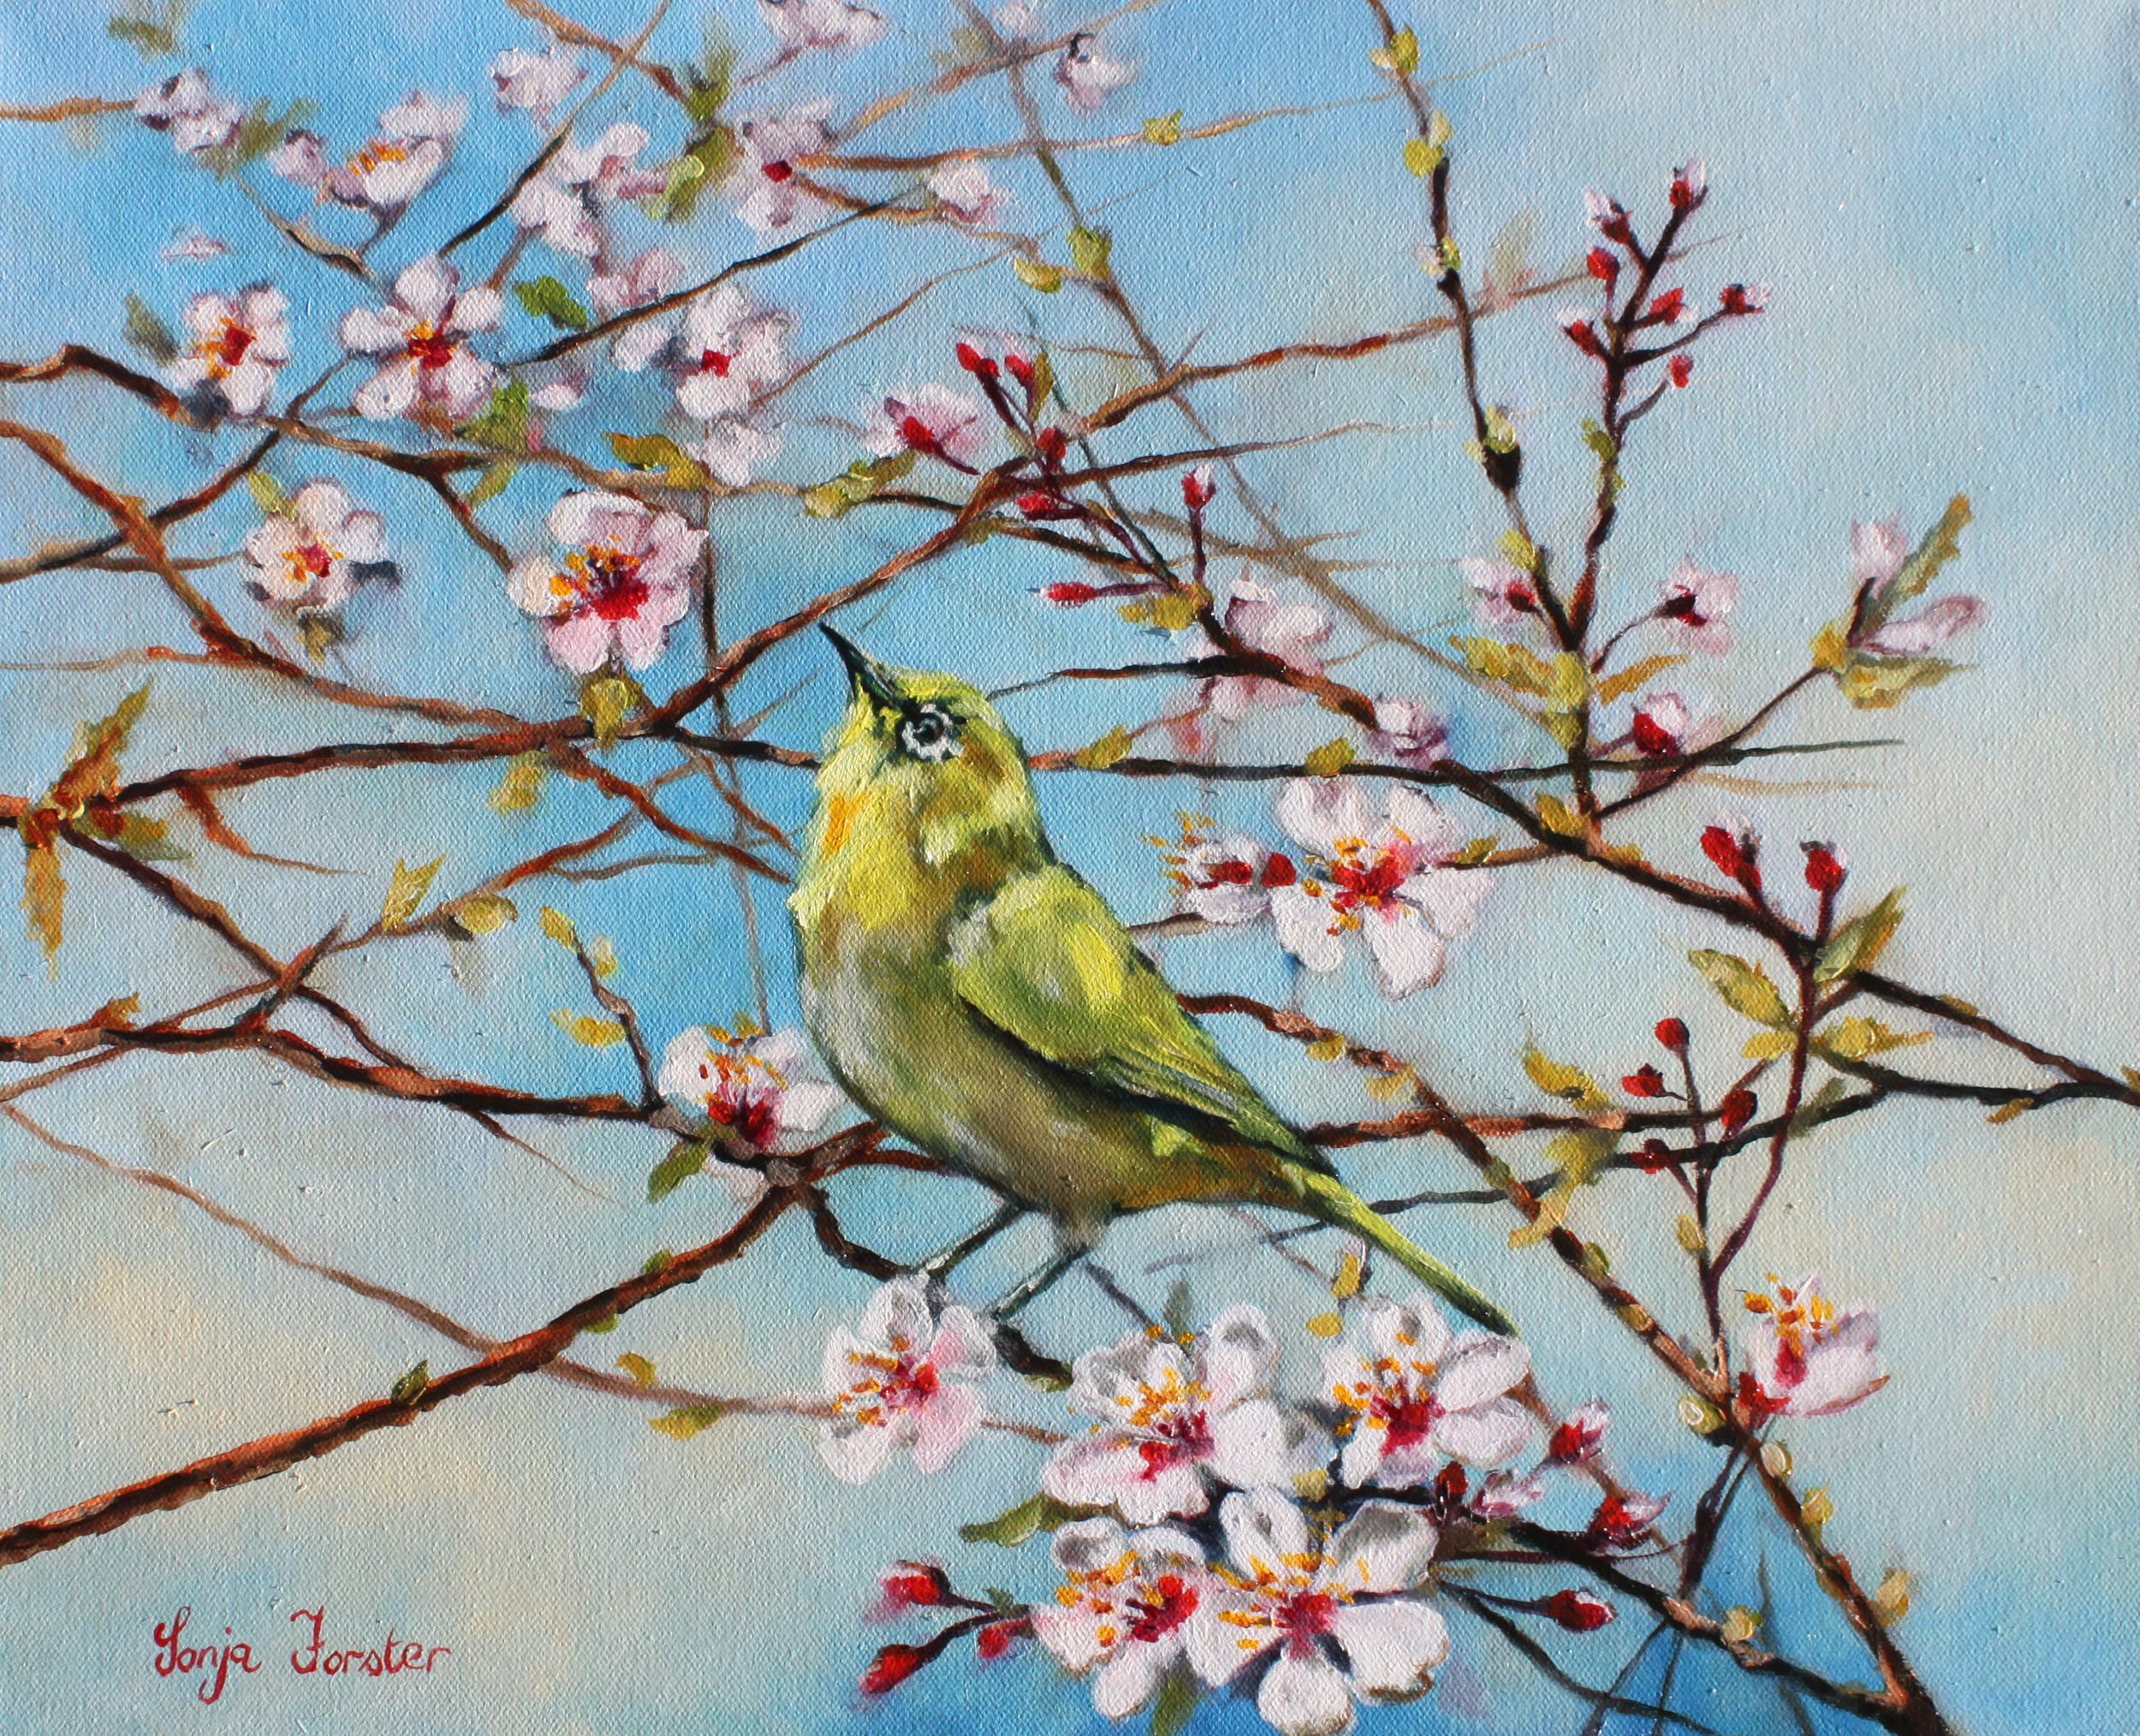 Sonja Forster Art - Spring Cherry Blossoms.jpg